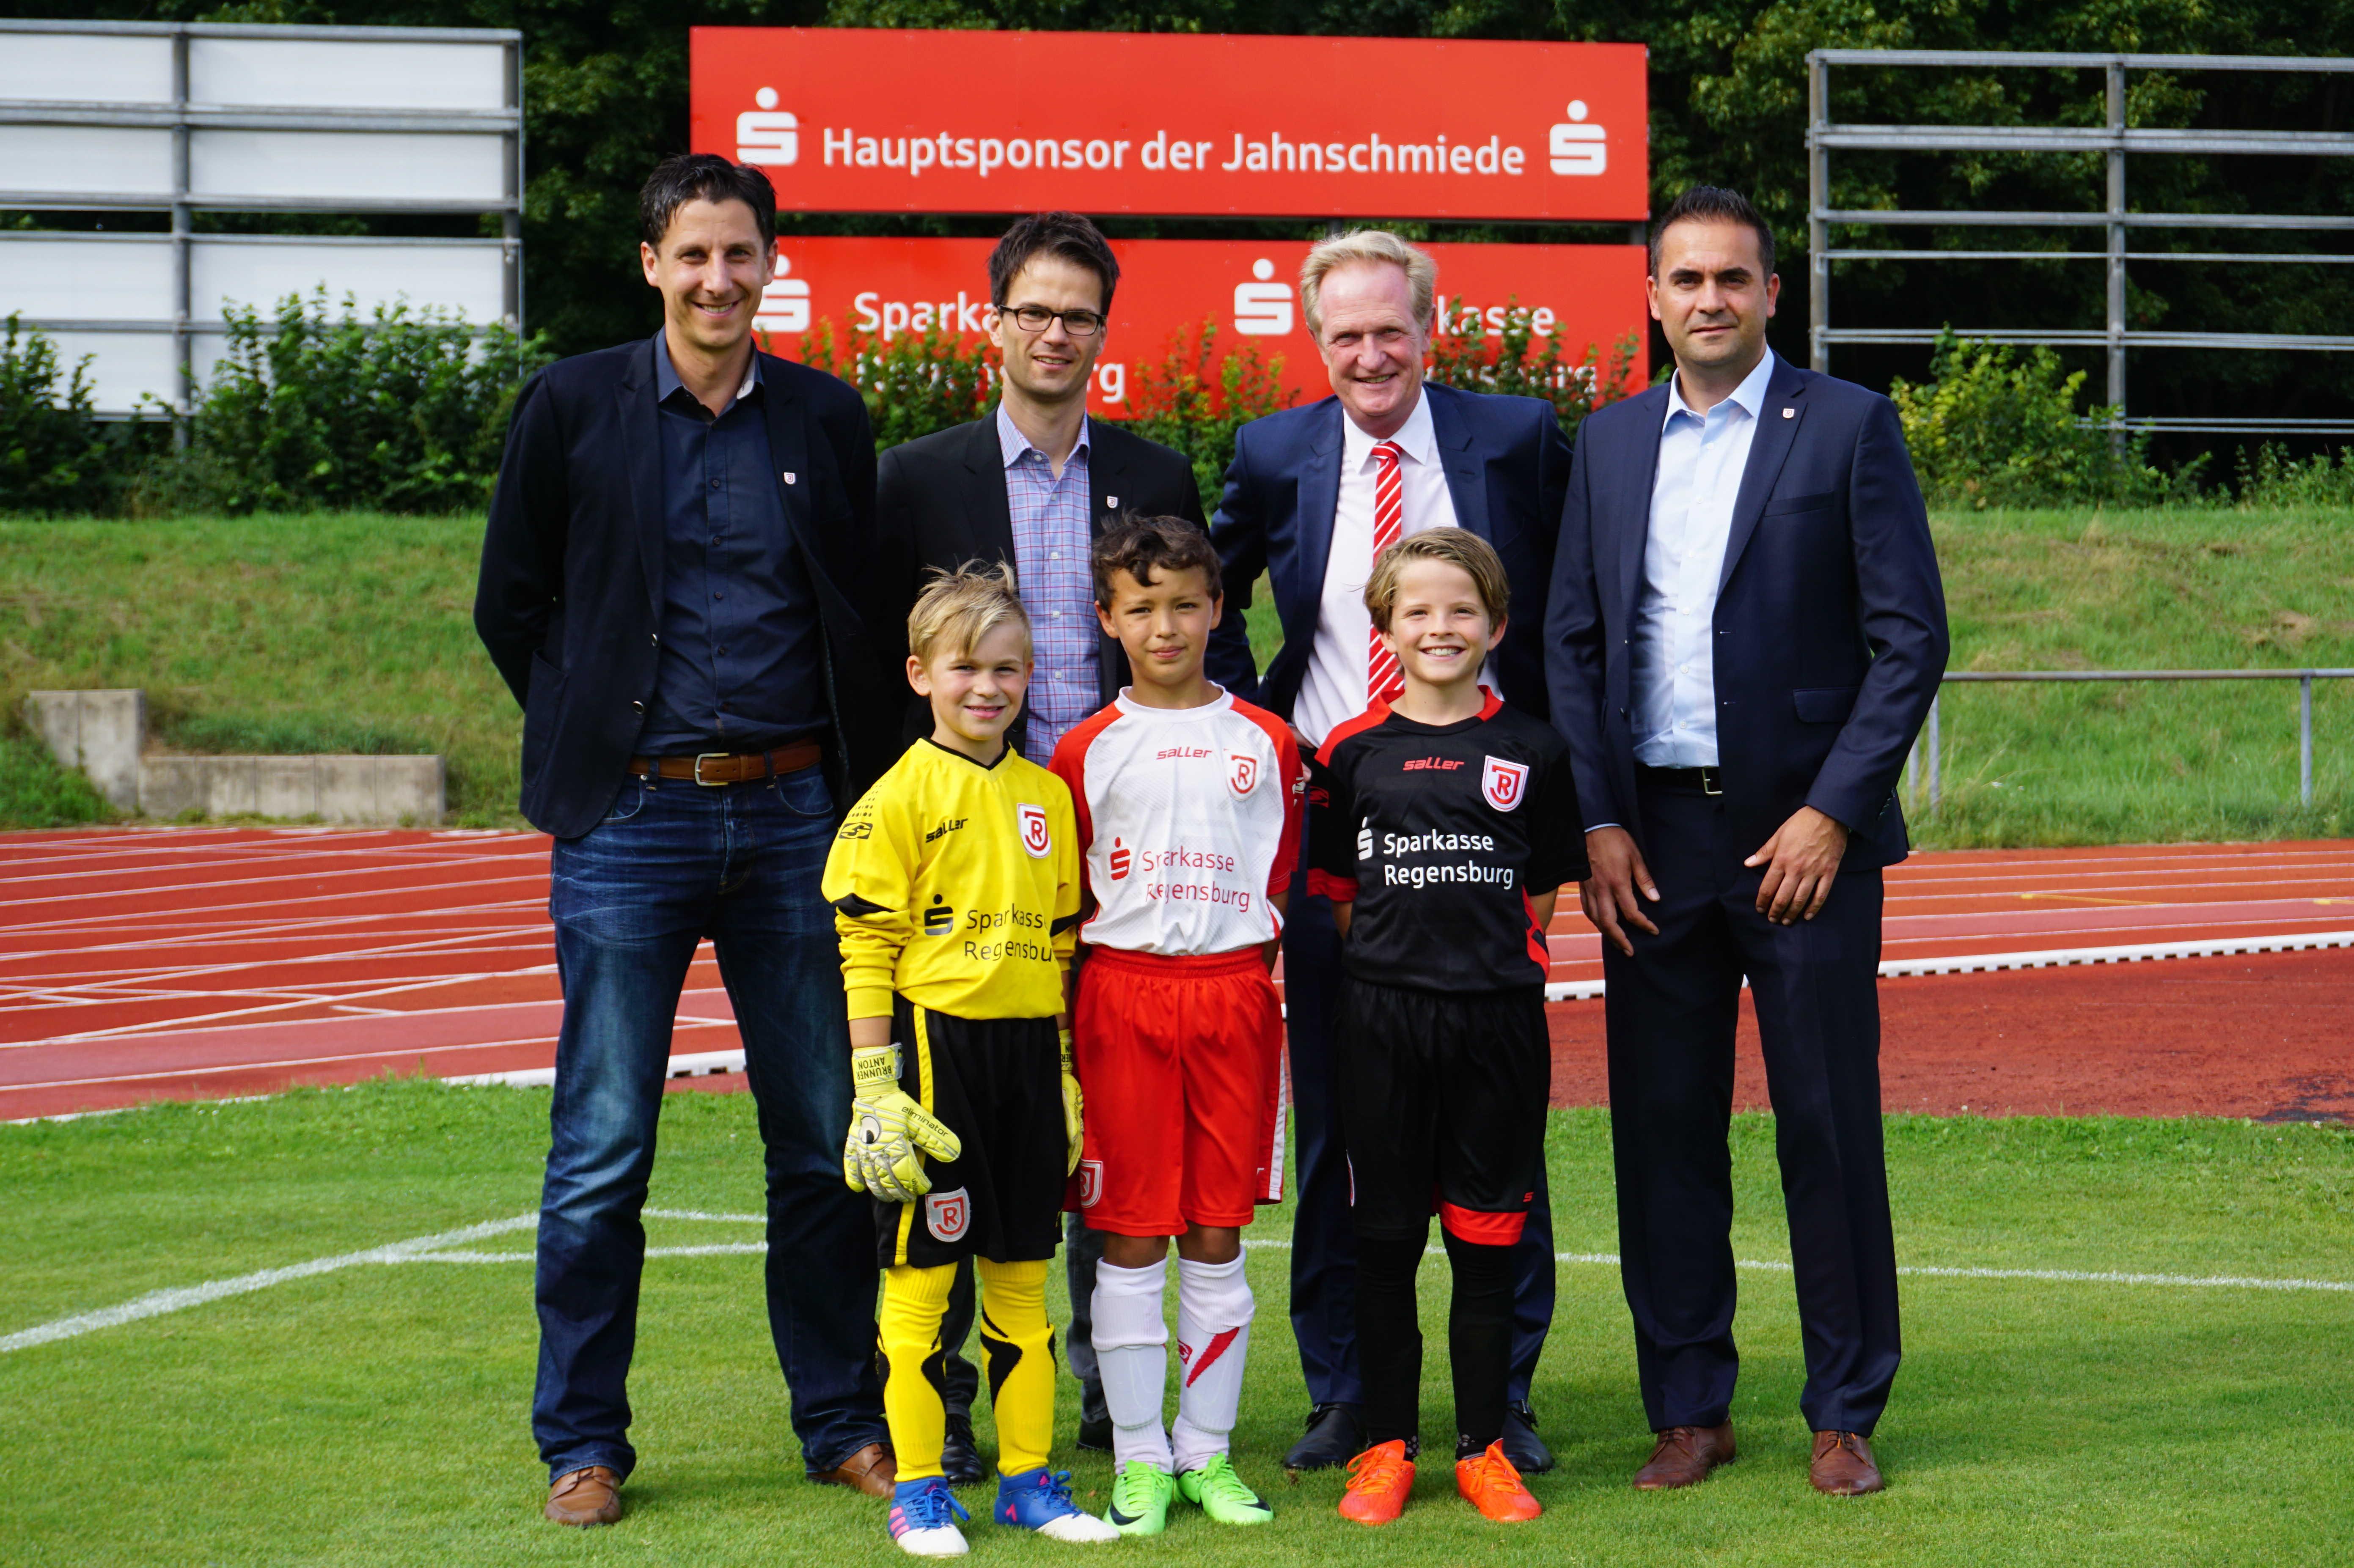 Sparkasse Regensburg bleibt Hauptsponsor der Jahnschmiede